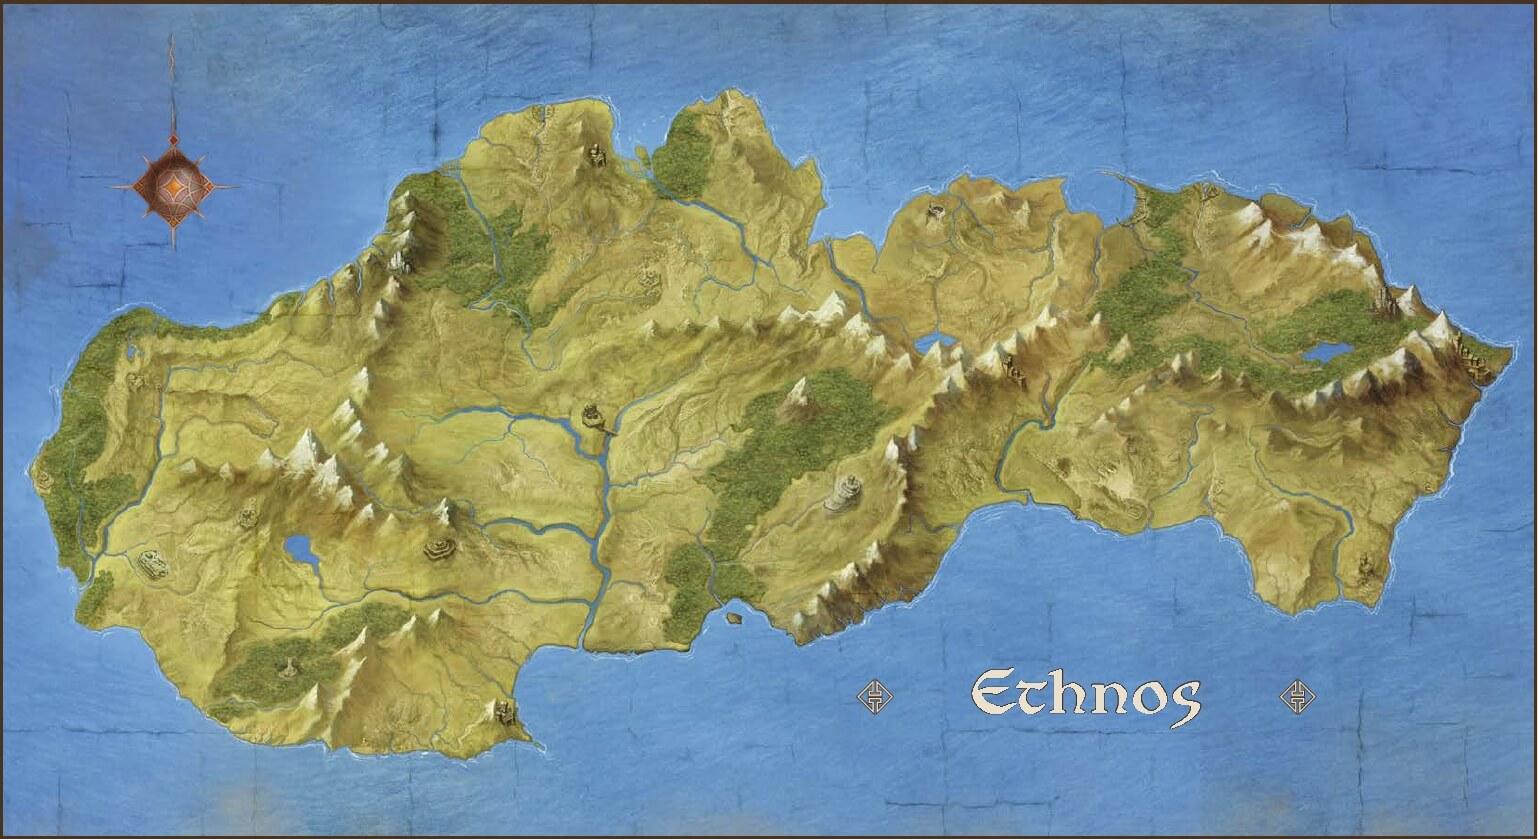 Kraina Ethnos